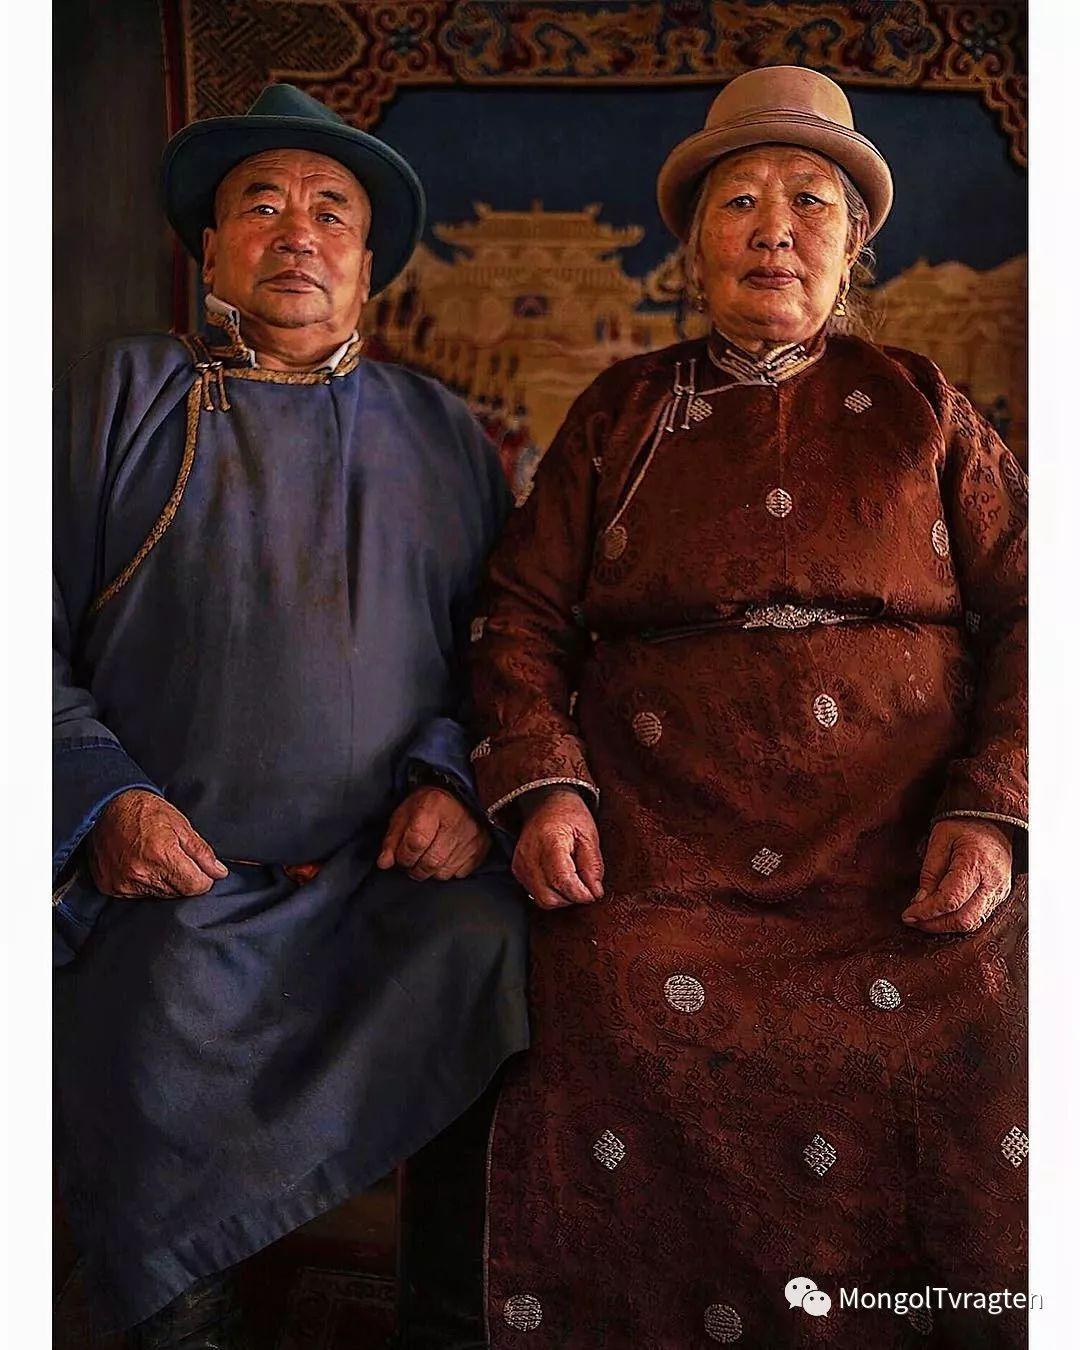 蒙古影像- c8x photography 第24张